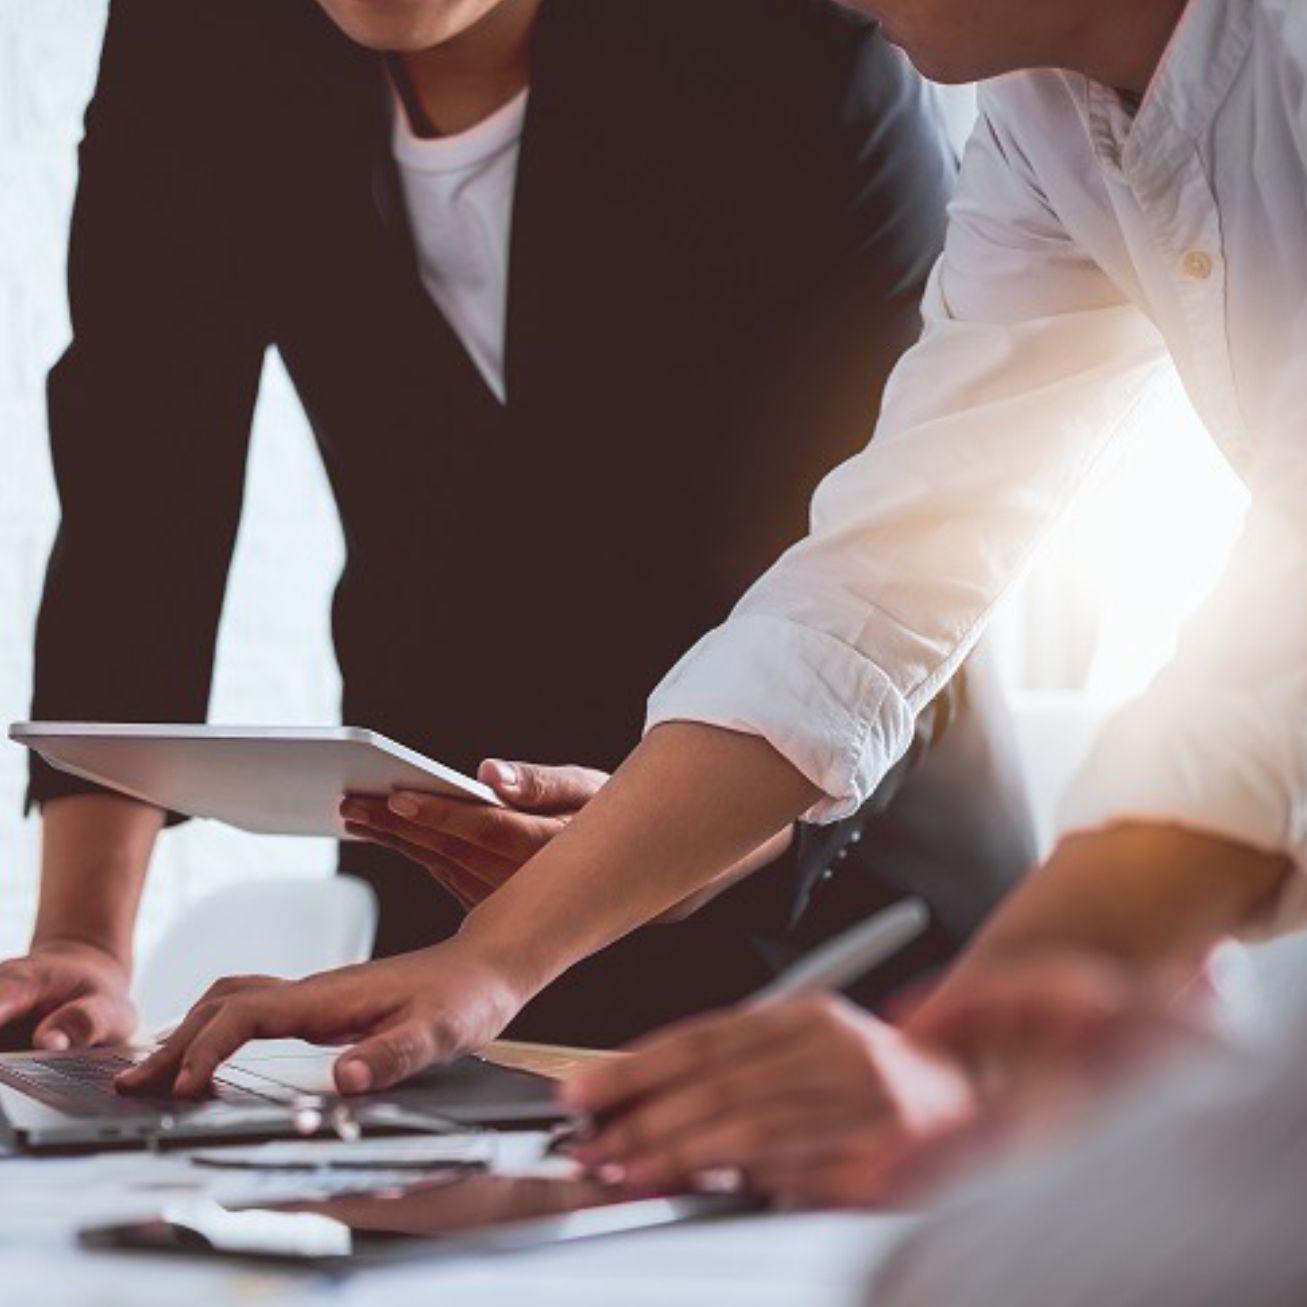 Novos negócios: qual caminho seguir na divulgação na internet